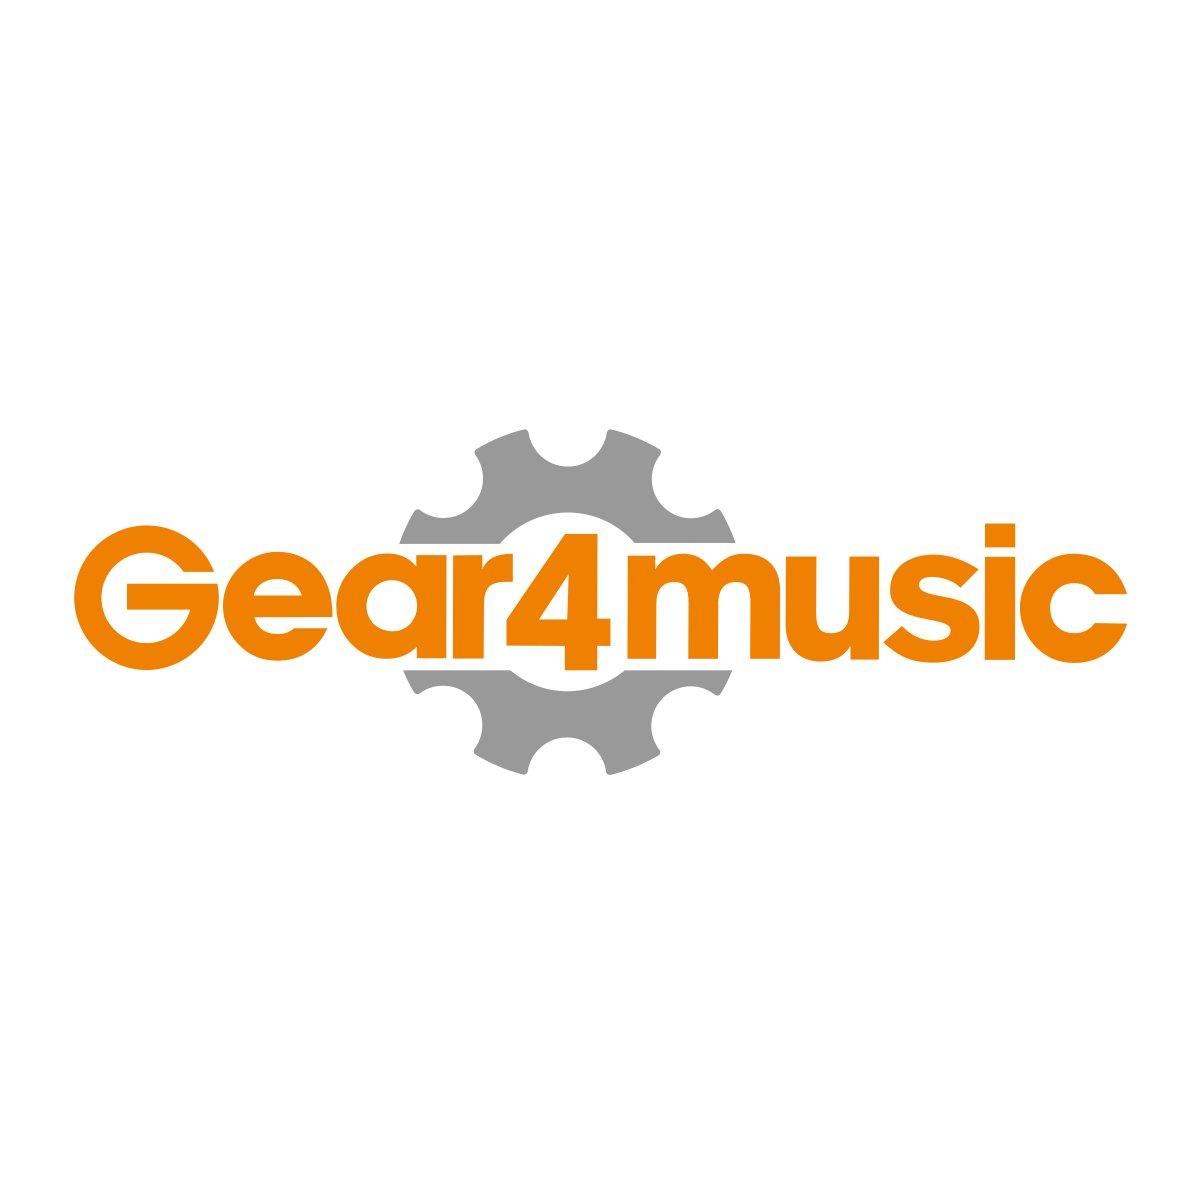 Student Trombone Beginner Pack Gear4music